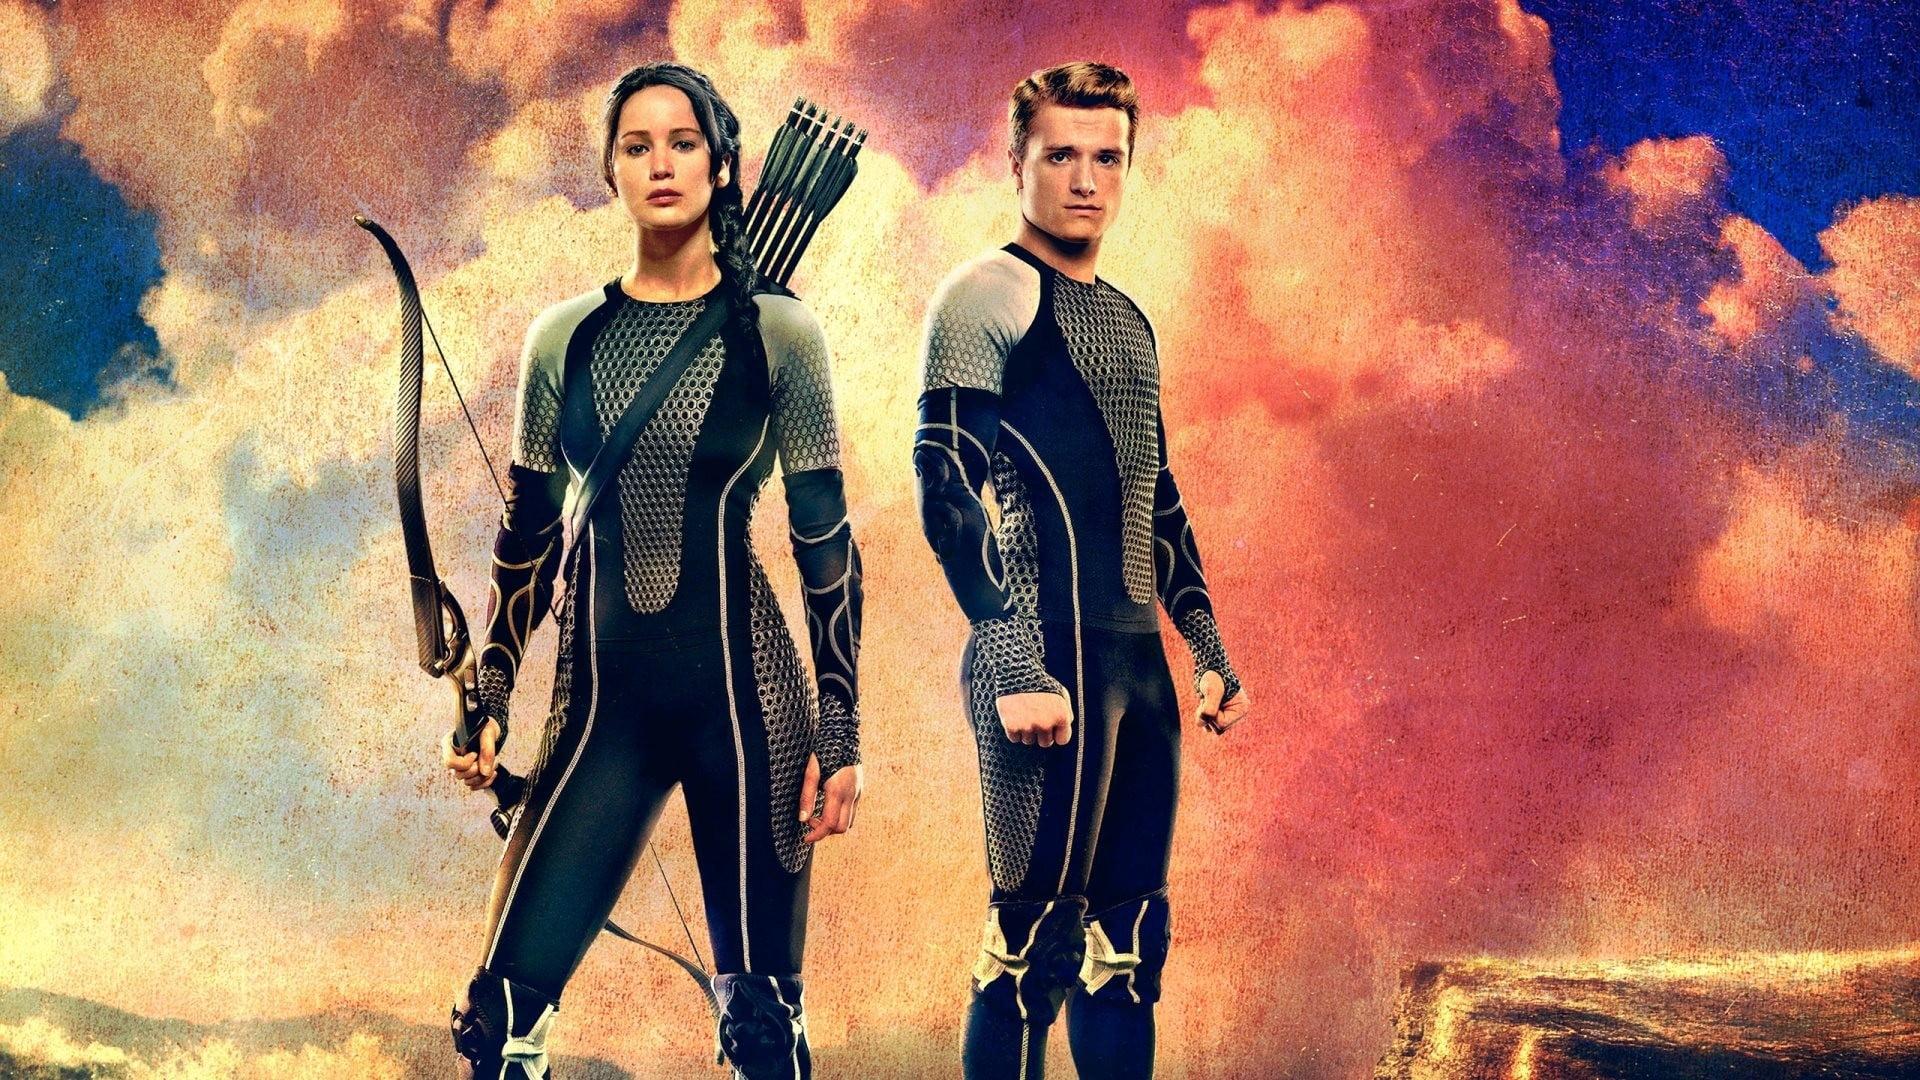 Katniss Everdeen and Peeta Millark Hunger Games Jennifer 1920x1080